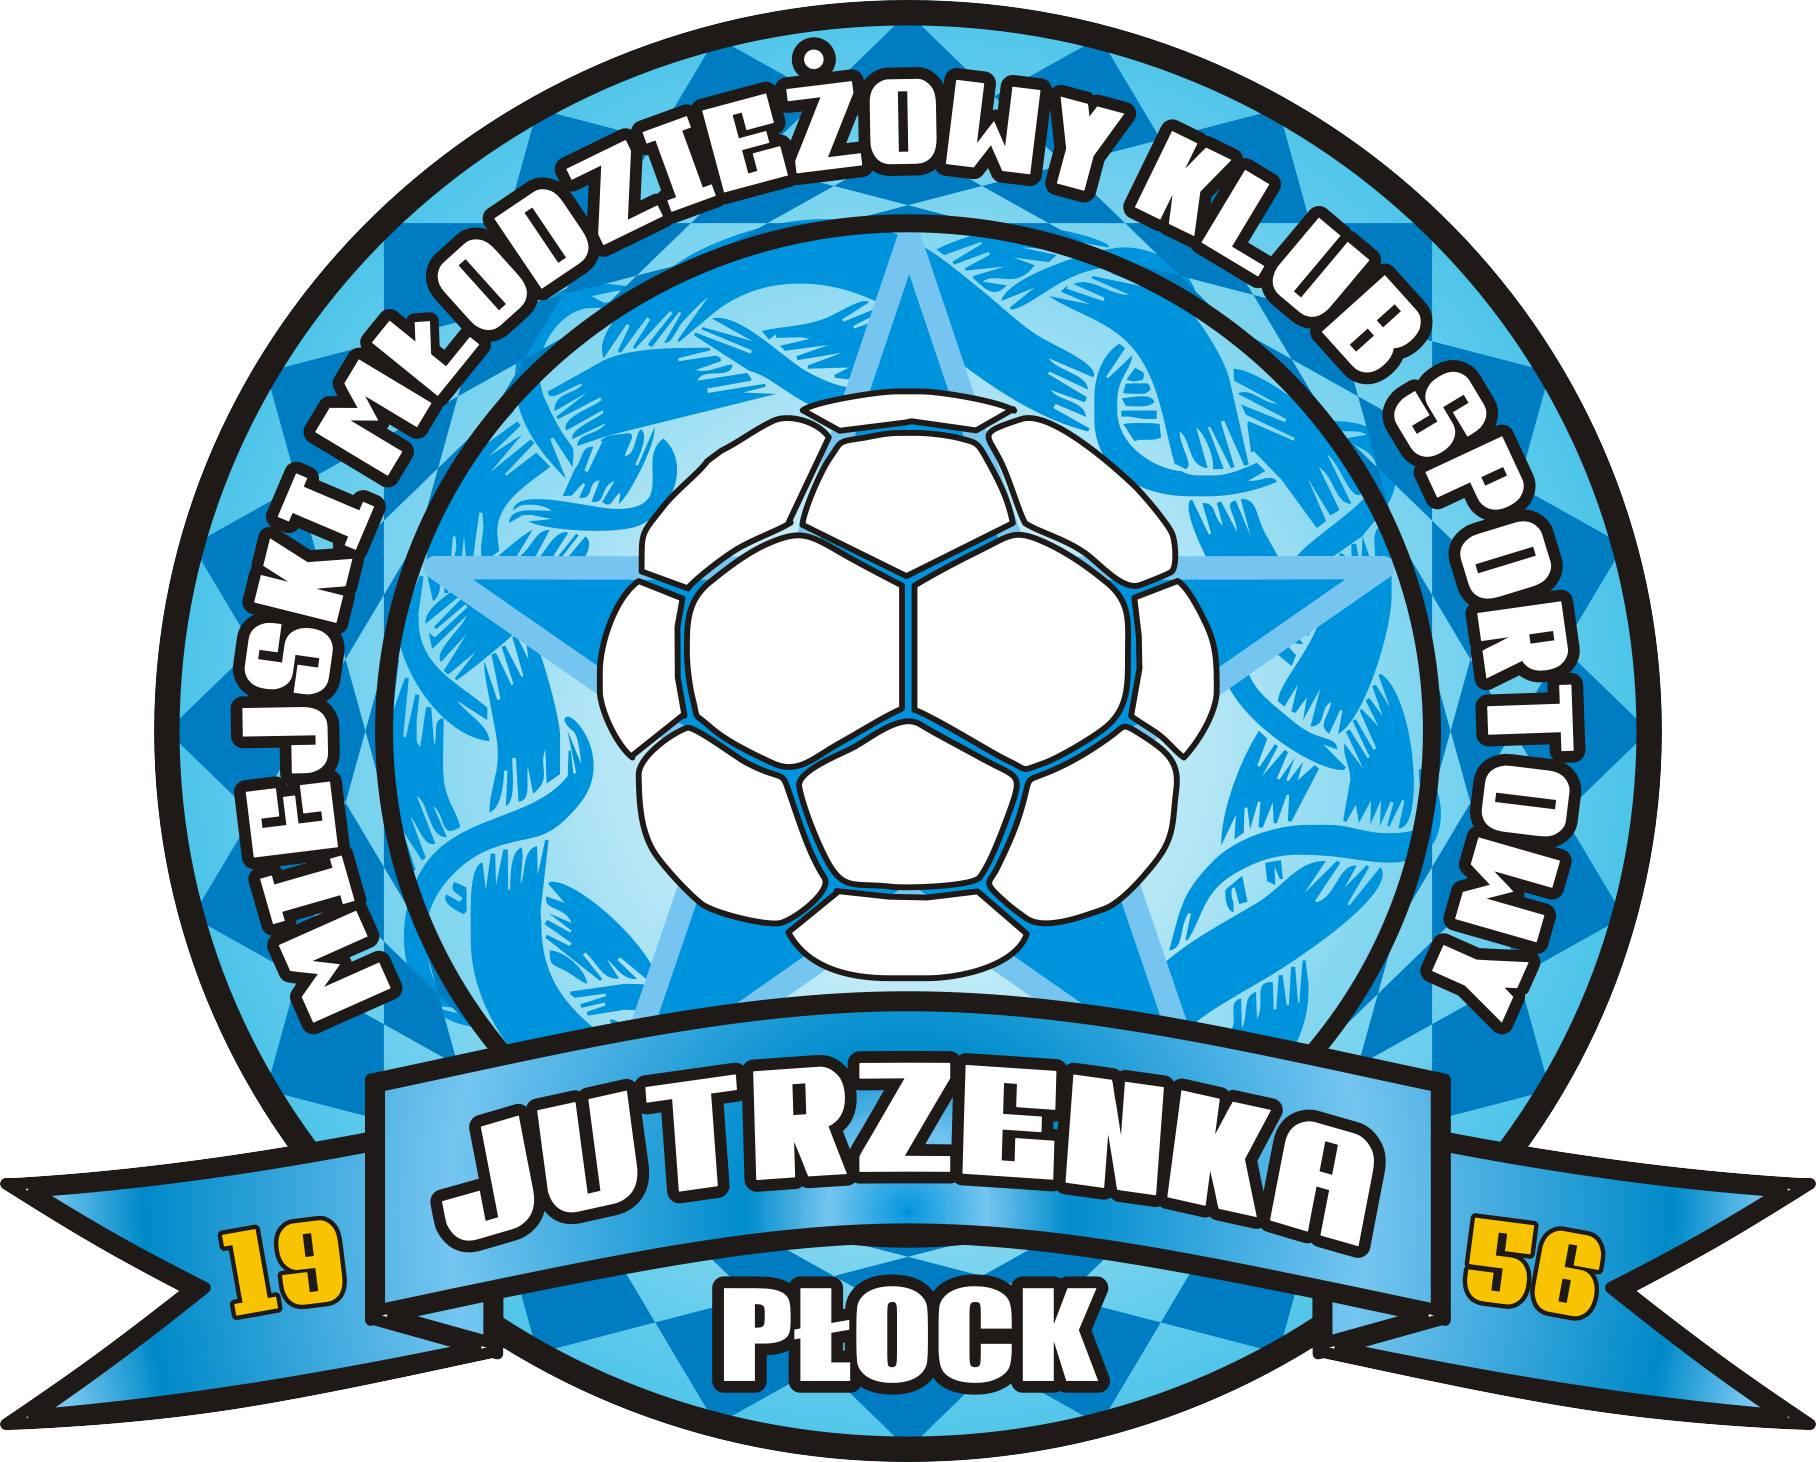 MMKS Jutrzenka Płock (M.)